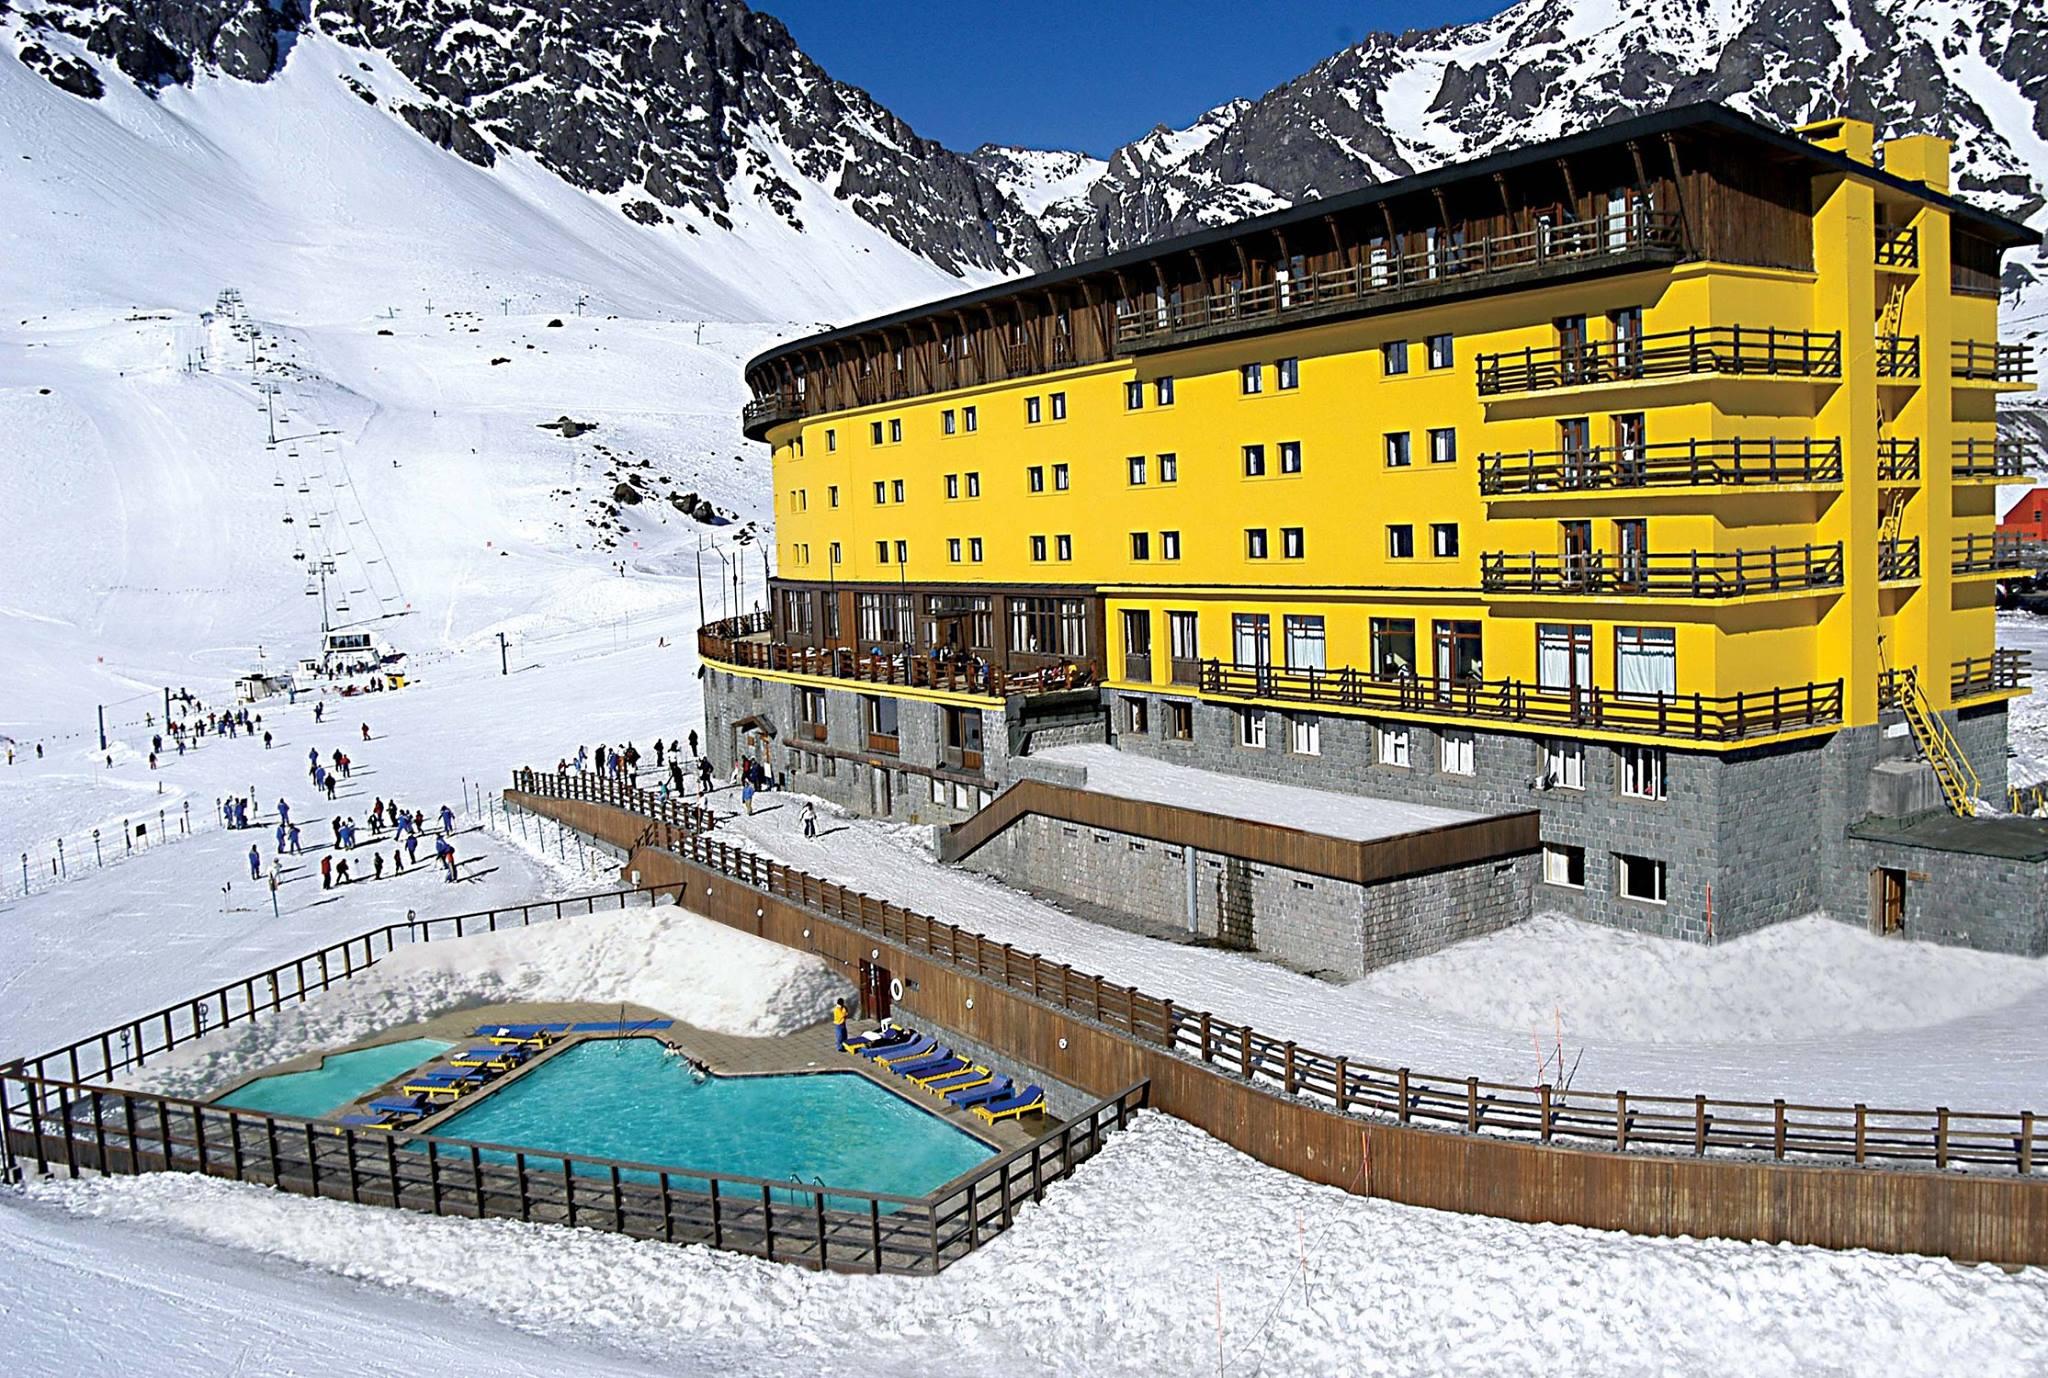 Letné lyžiarske stredisko Ski Portillo, Čile